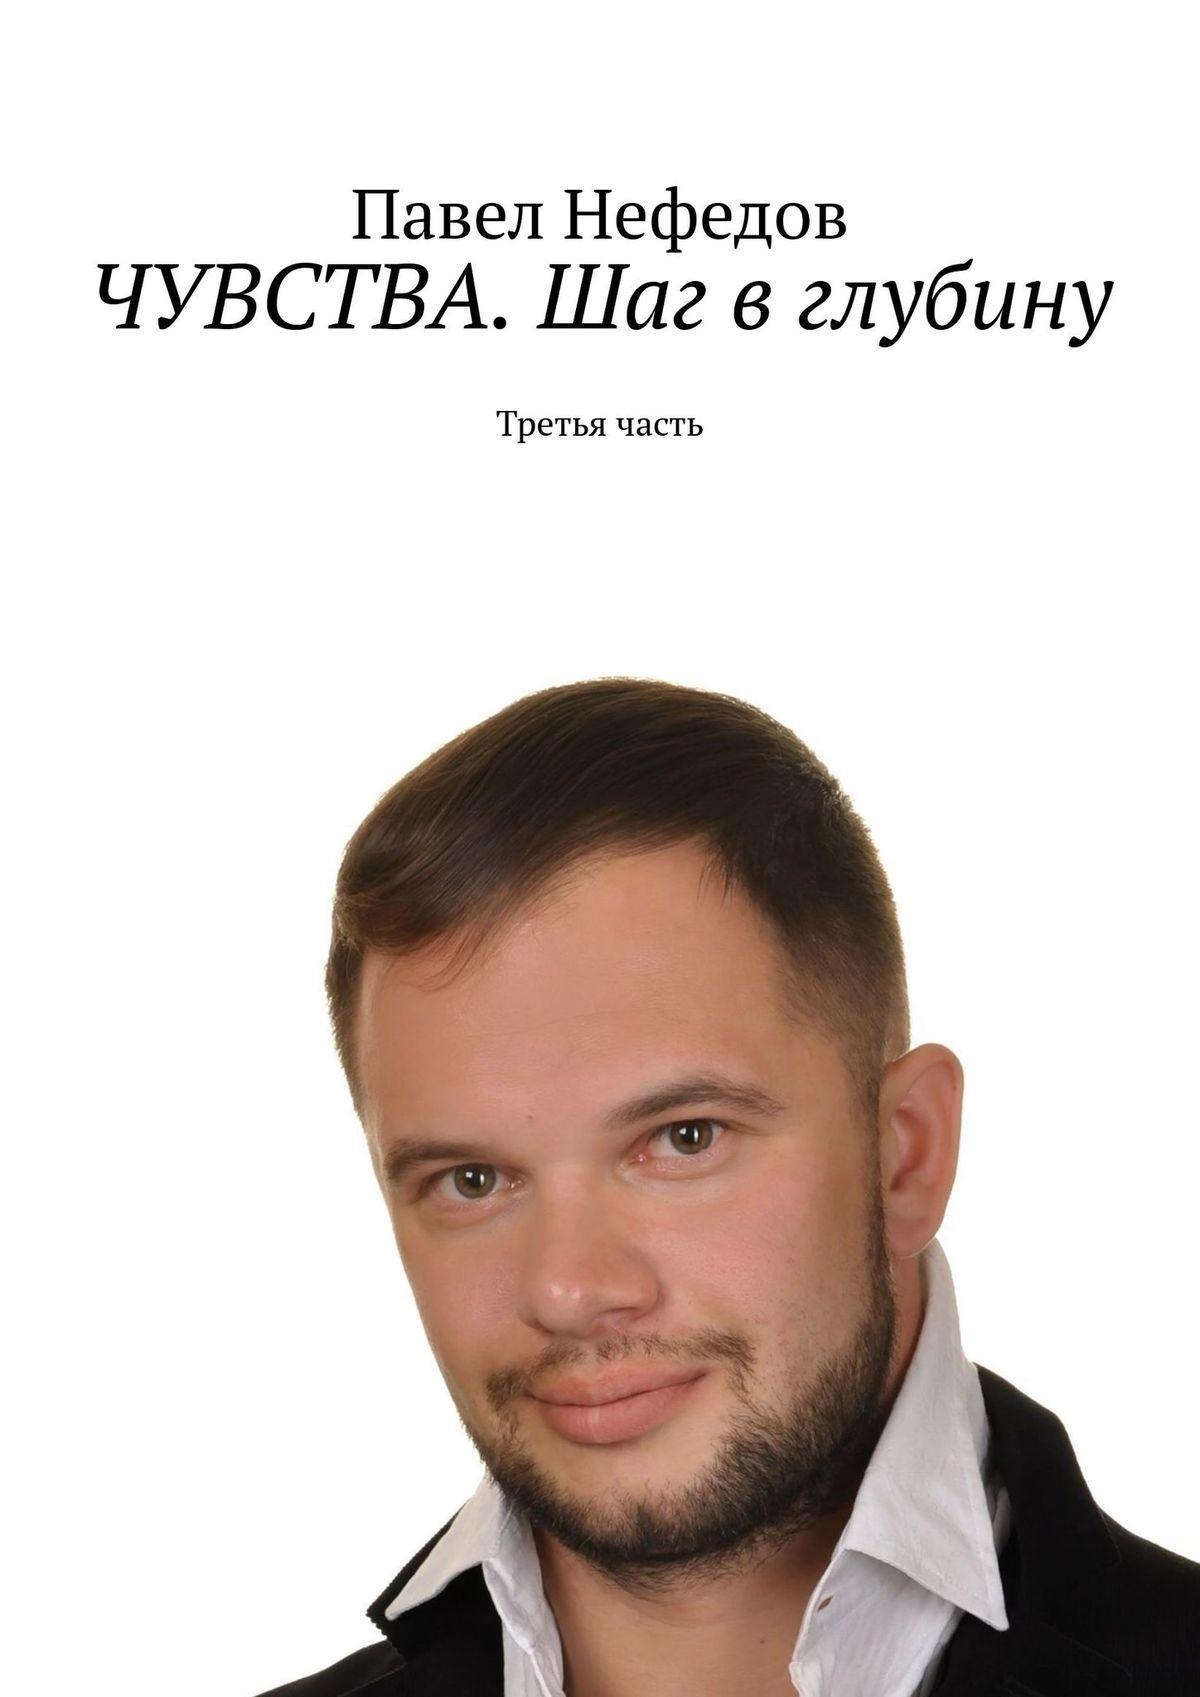 Павел Нефедов ЧУВСТВА. Шаг вглубину. Третья часть мир через культуру